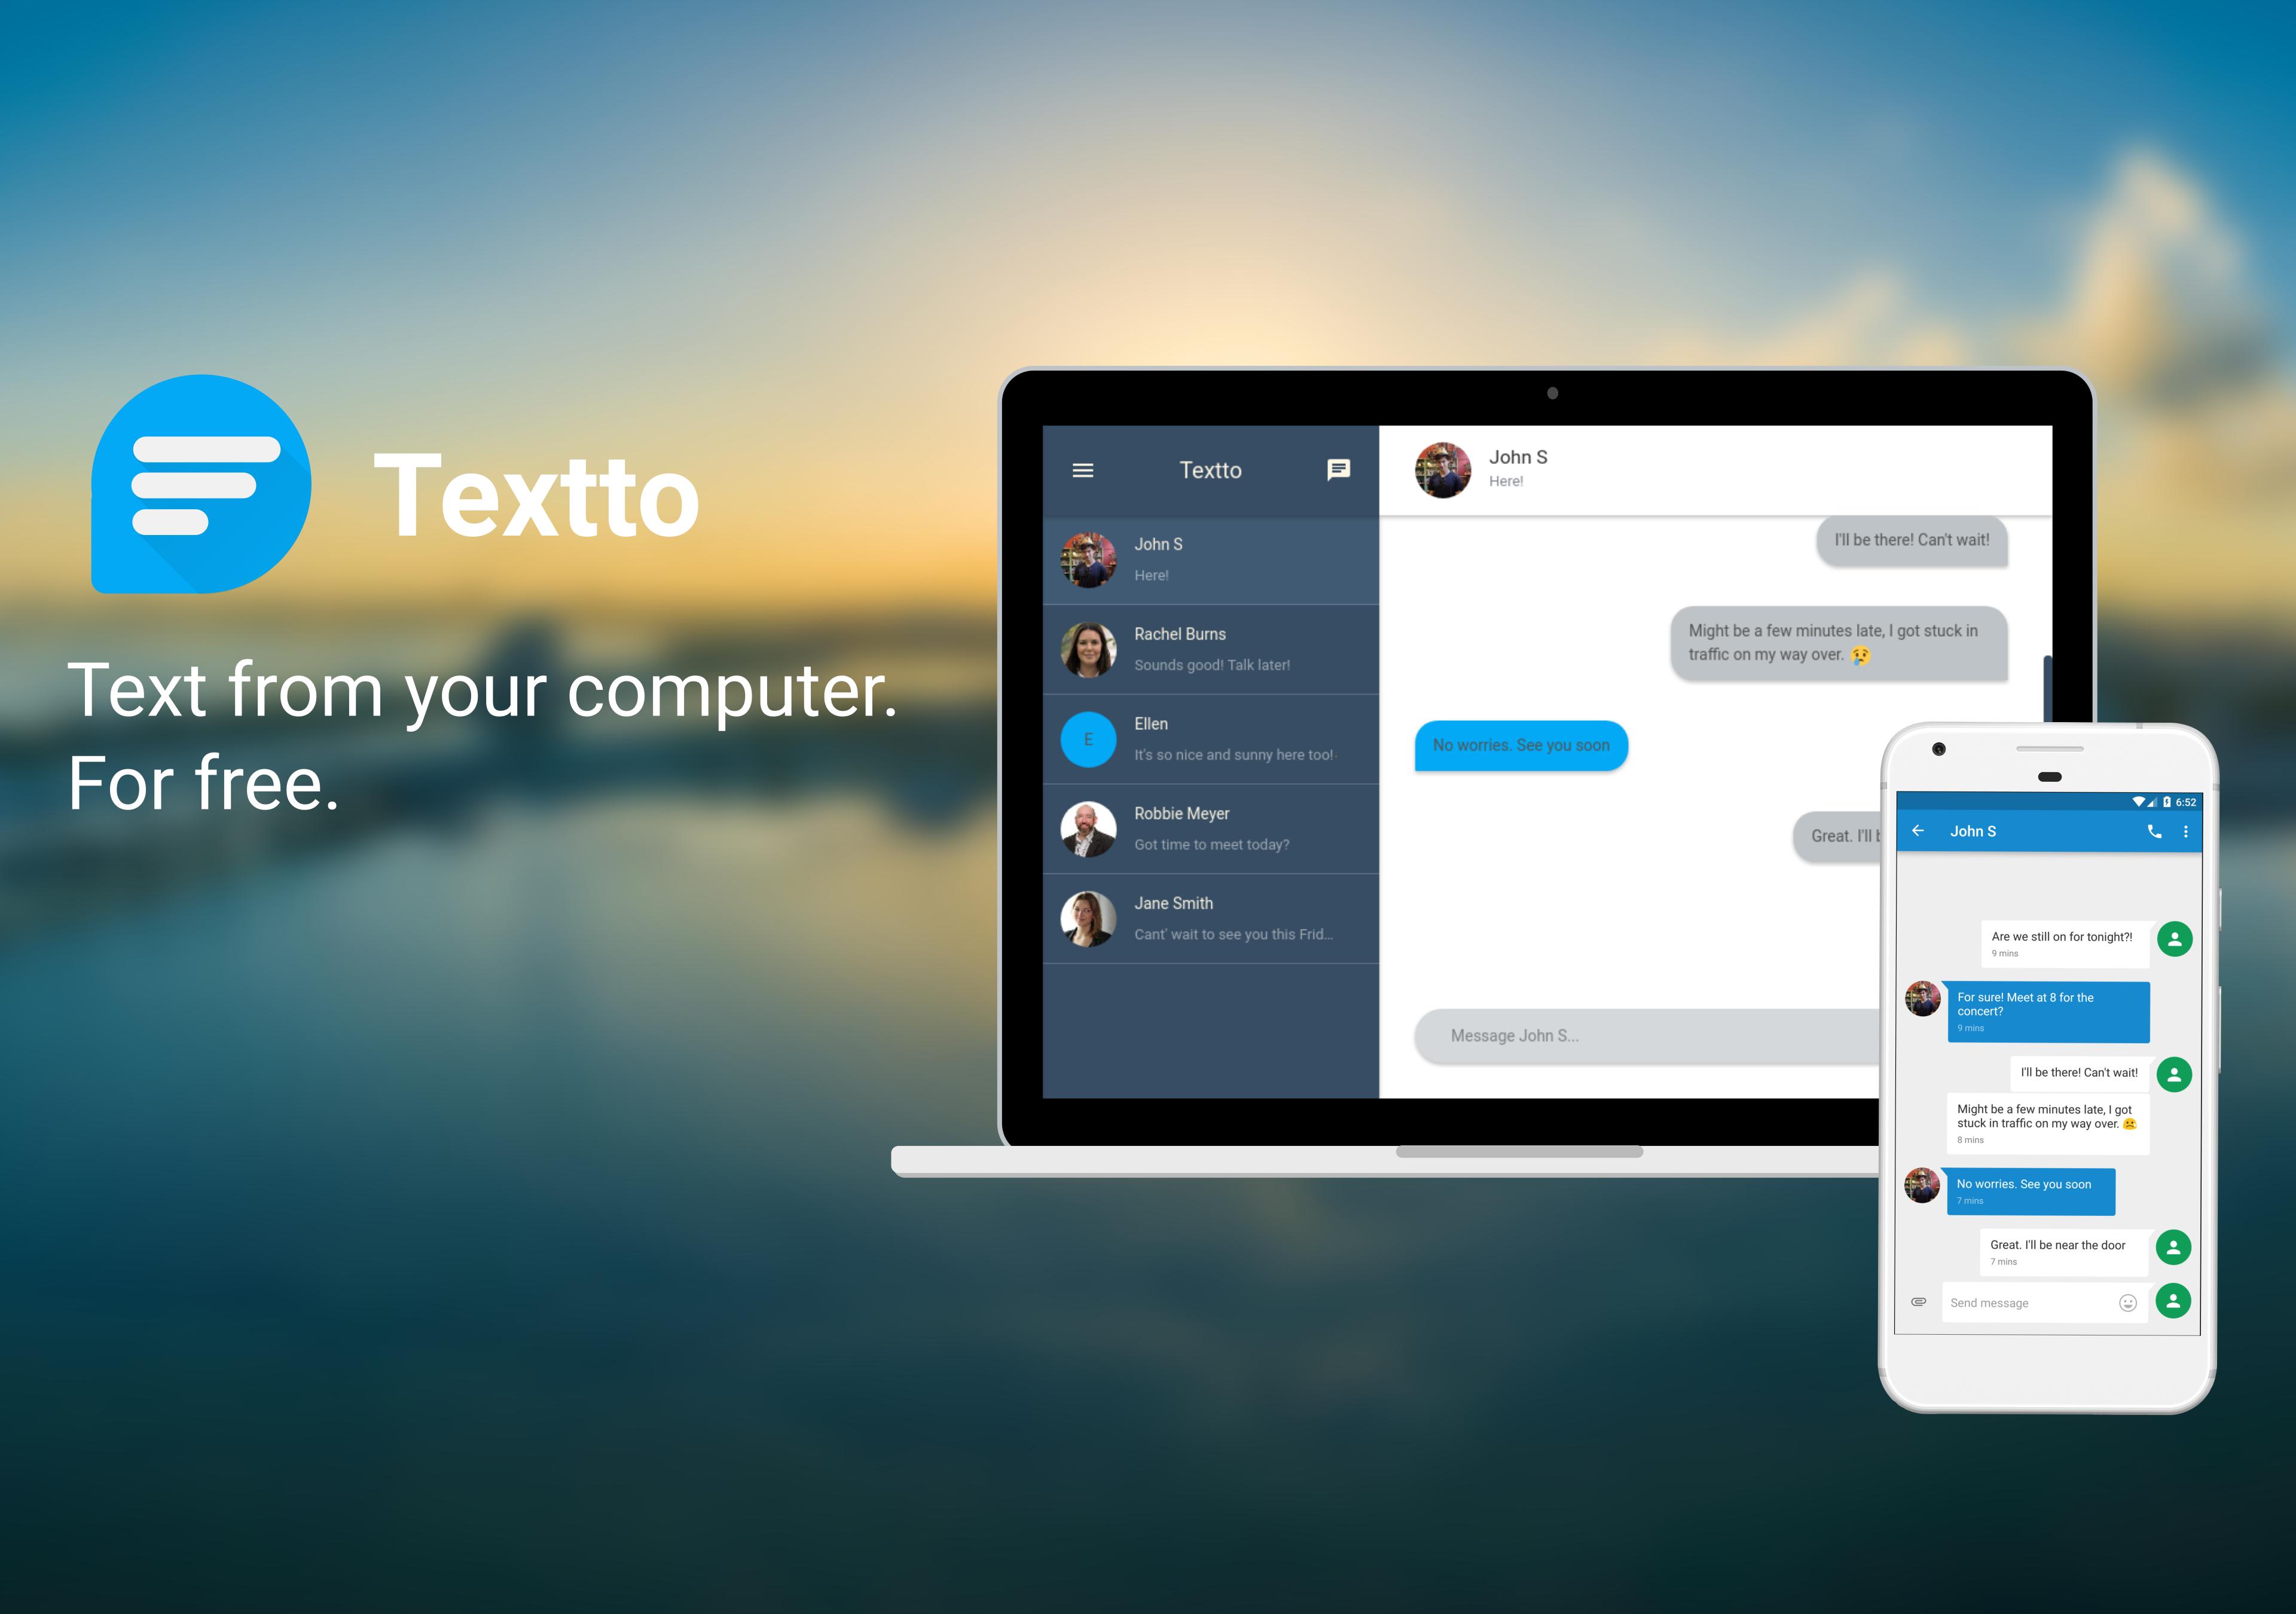 мессенджер Windows, Textto